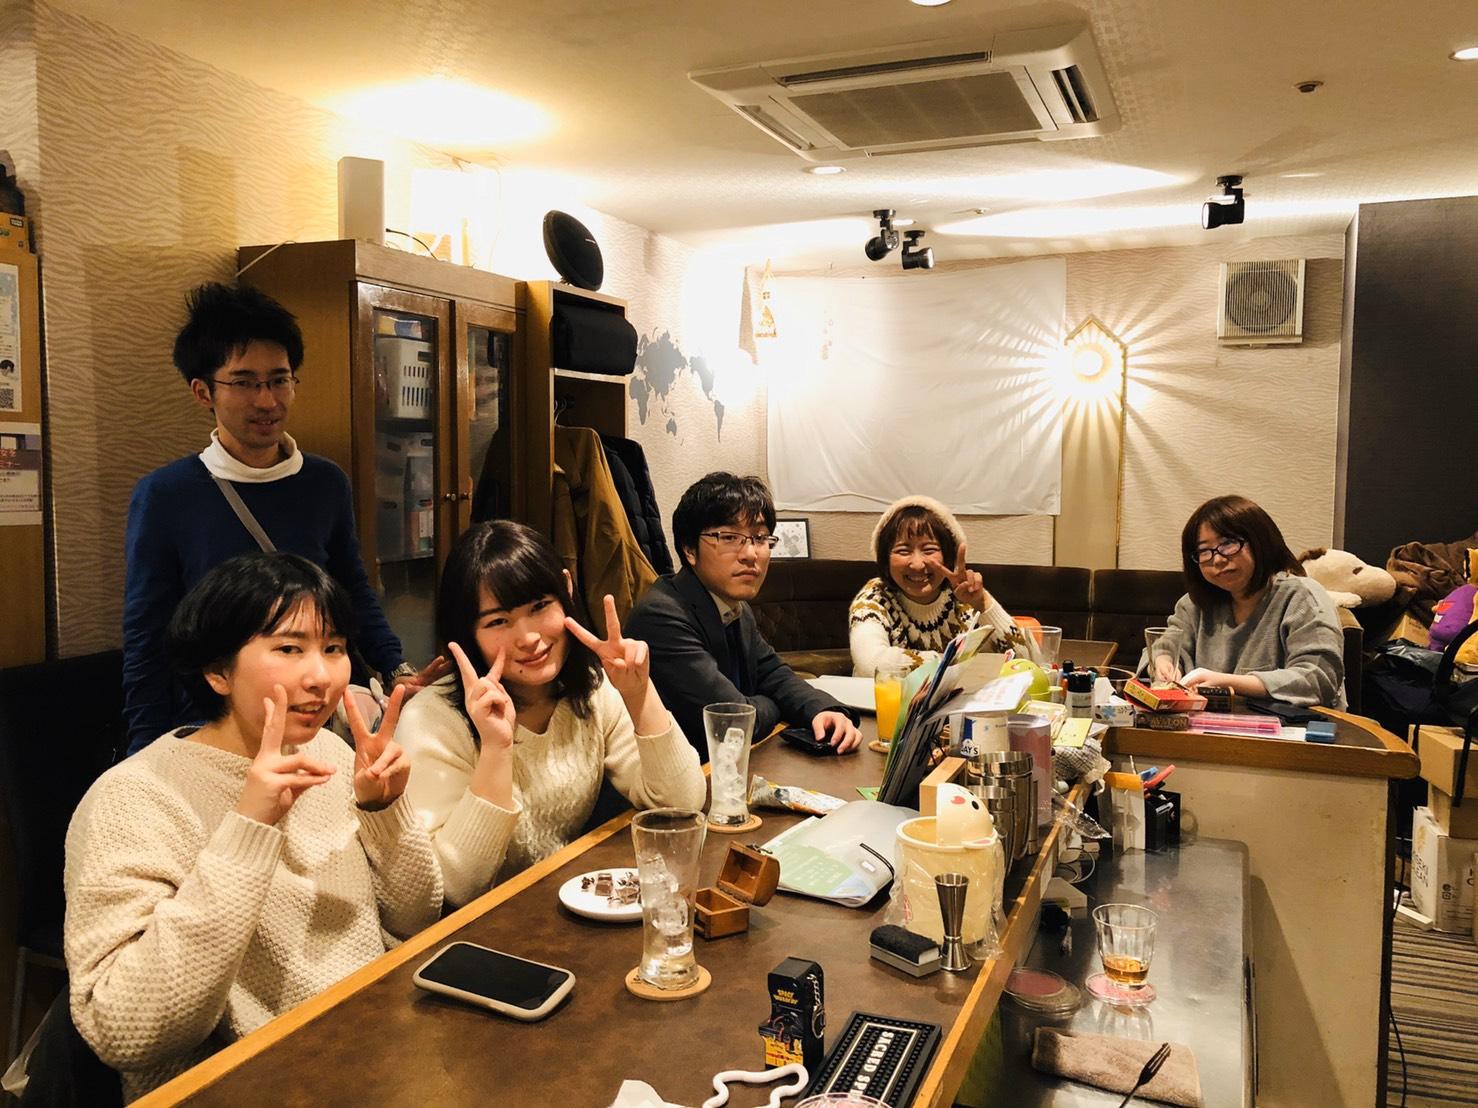 名古屋栄で女性一人飲みにおすすめなバー 【bar初心者向け】